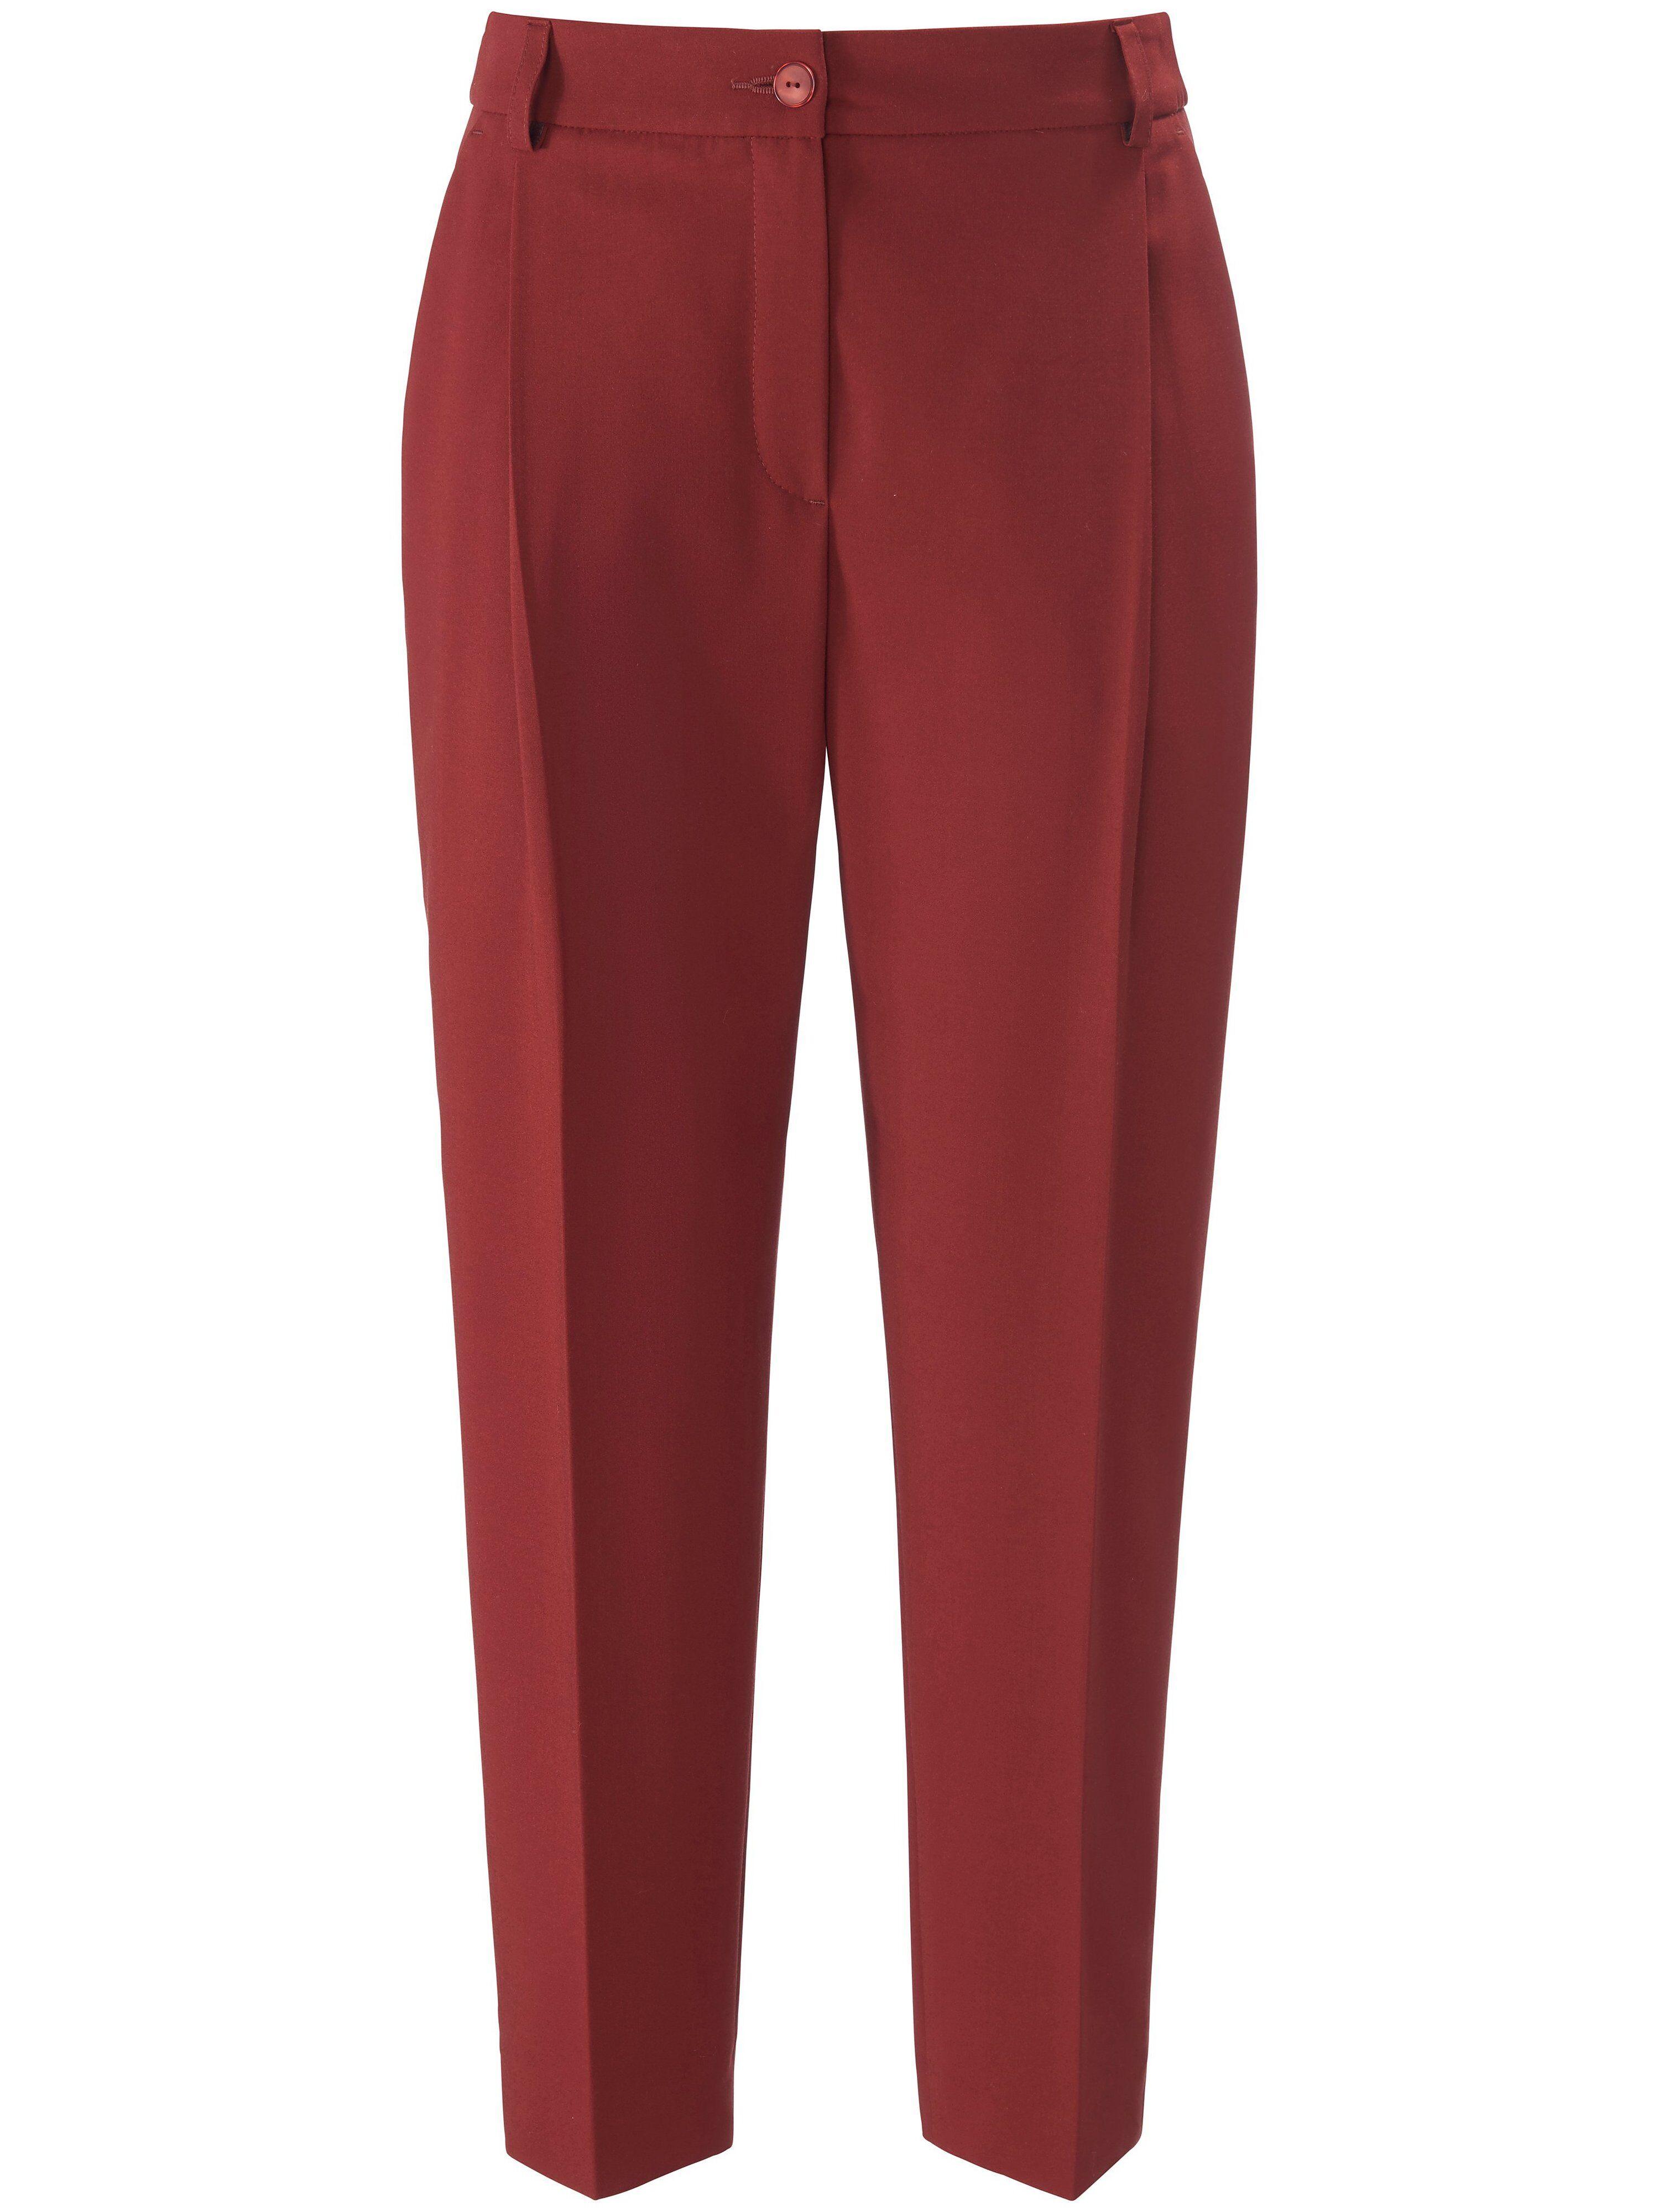 DAY.LIKE Le pantalon à pinces longueur chevilles Wide Fit  DAY.LIKE marron  - Femme - 23